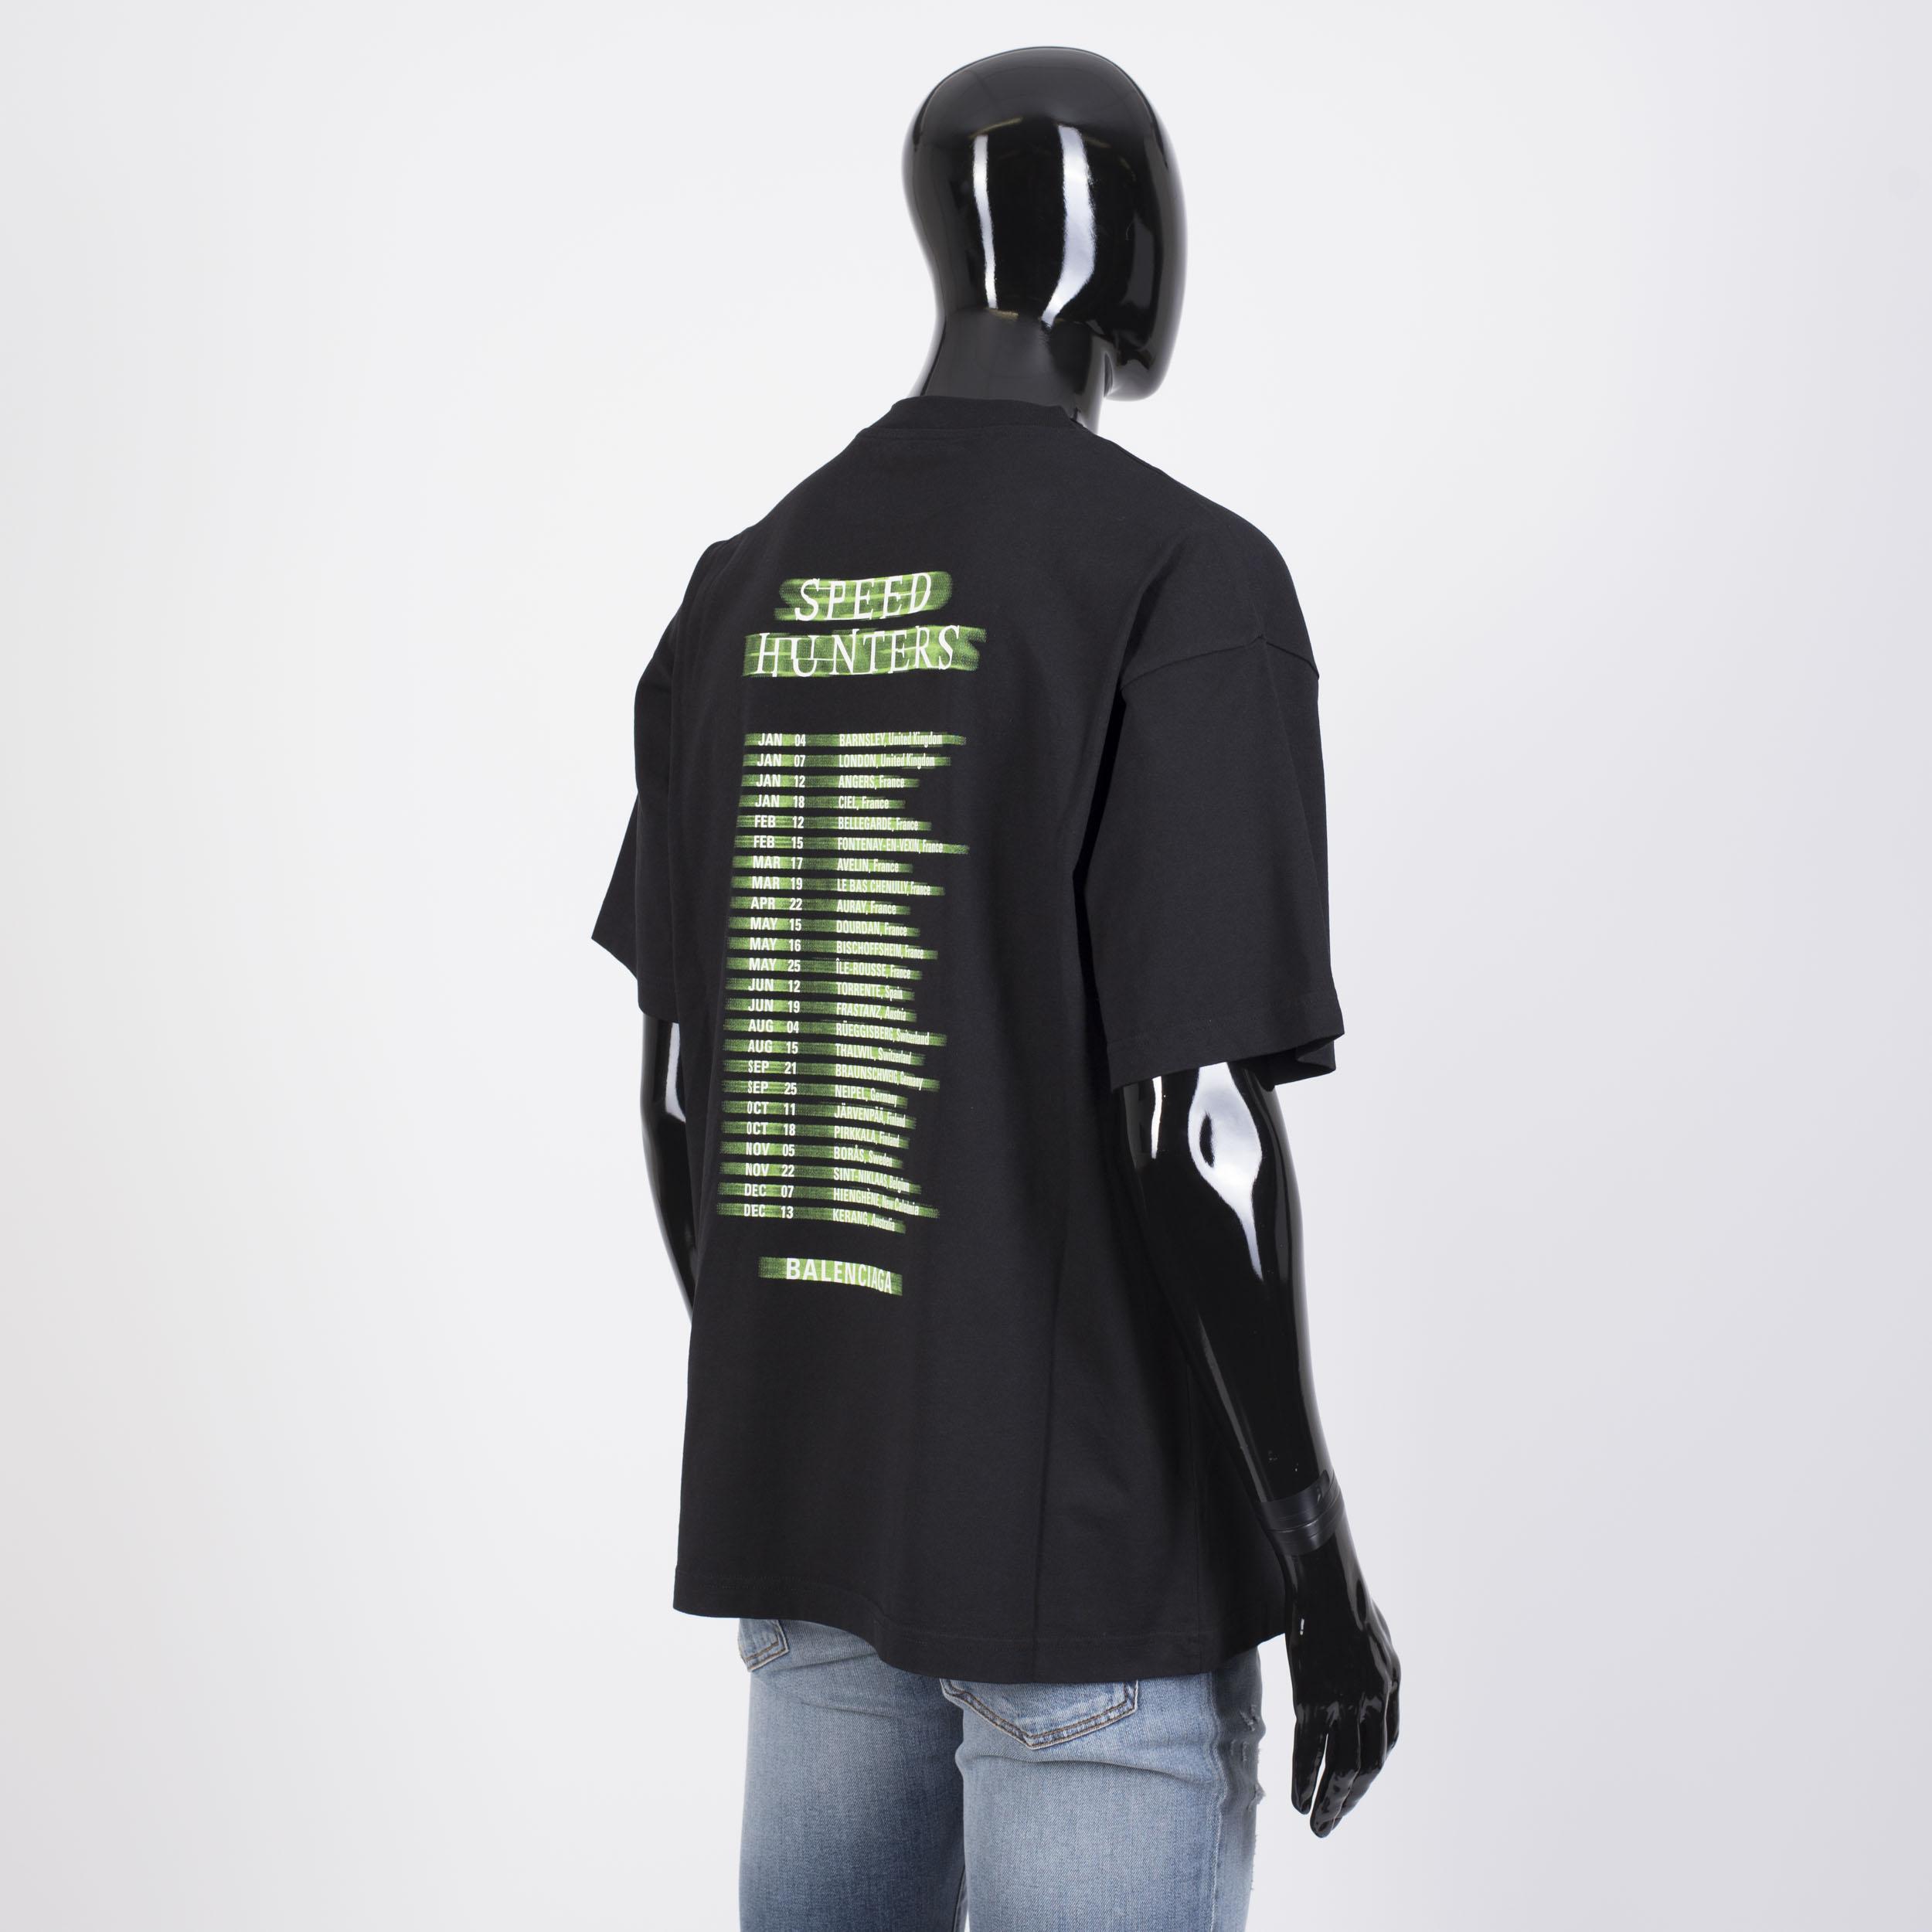 665ee3b0f1d7 BALENCIAGA 550  Oversized Speedhunters Boyband Printed Tshirt In ...